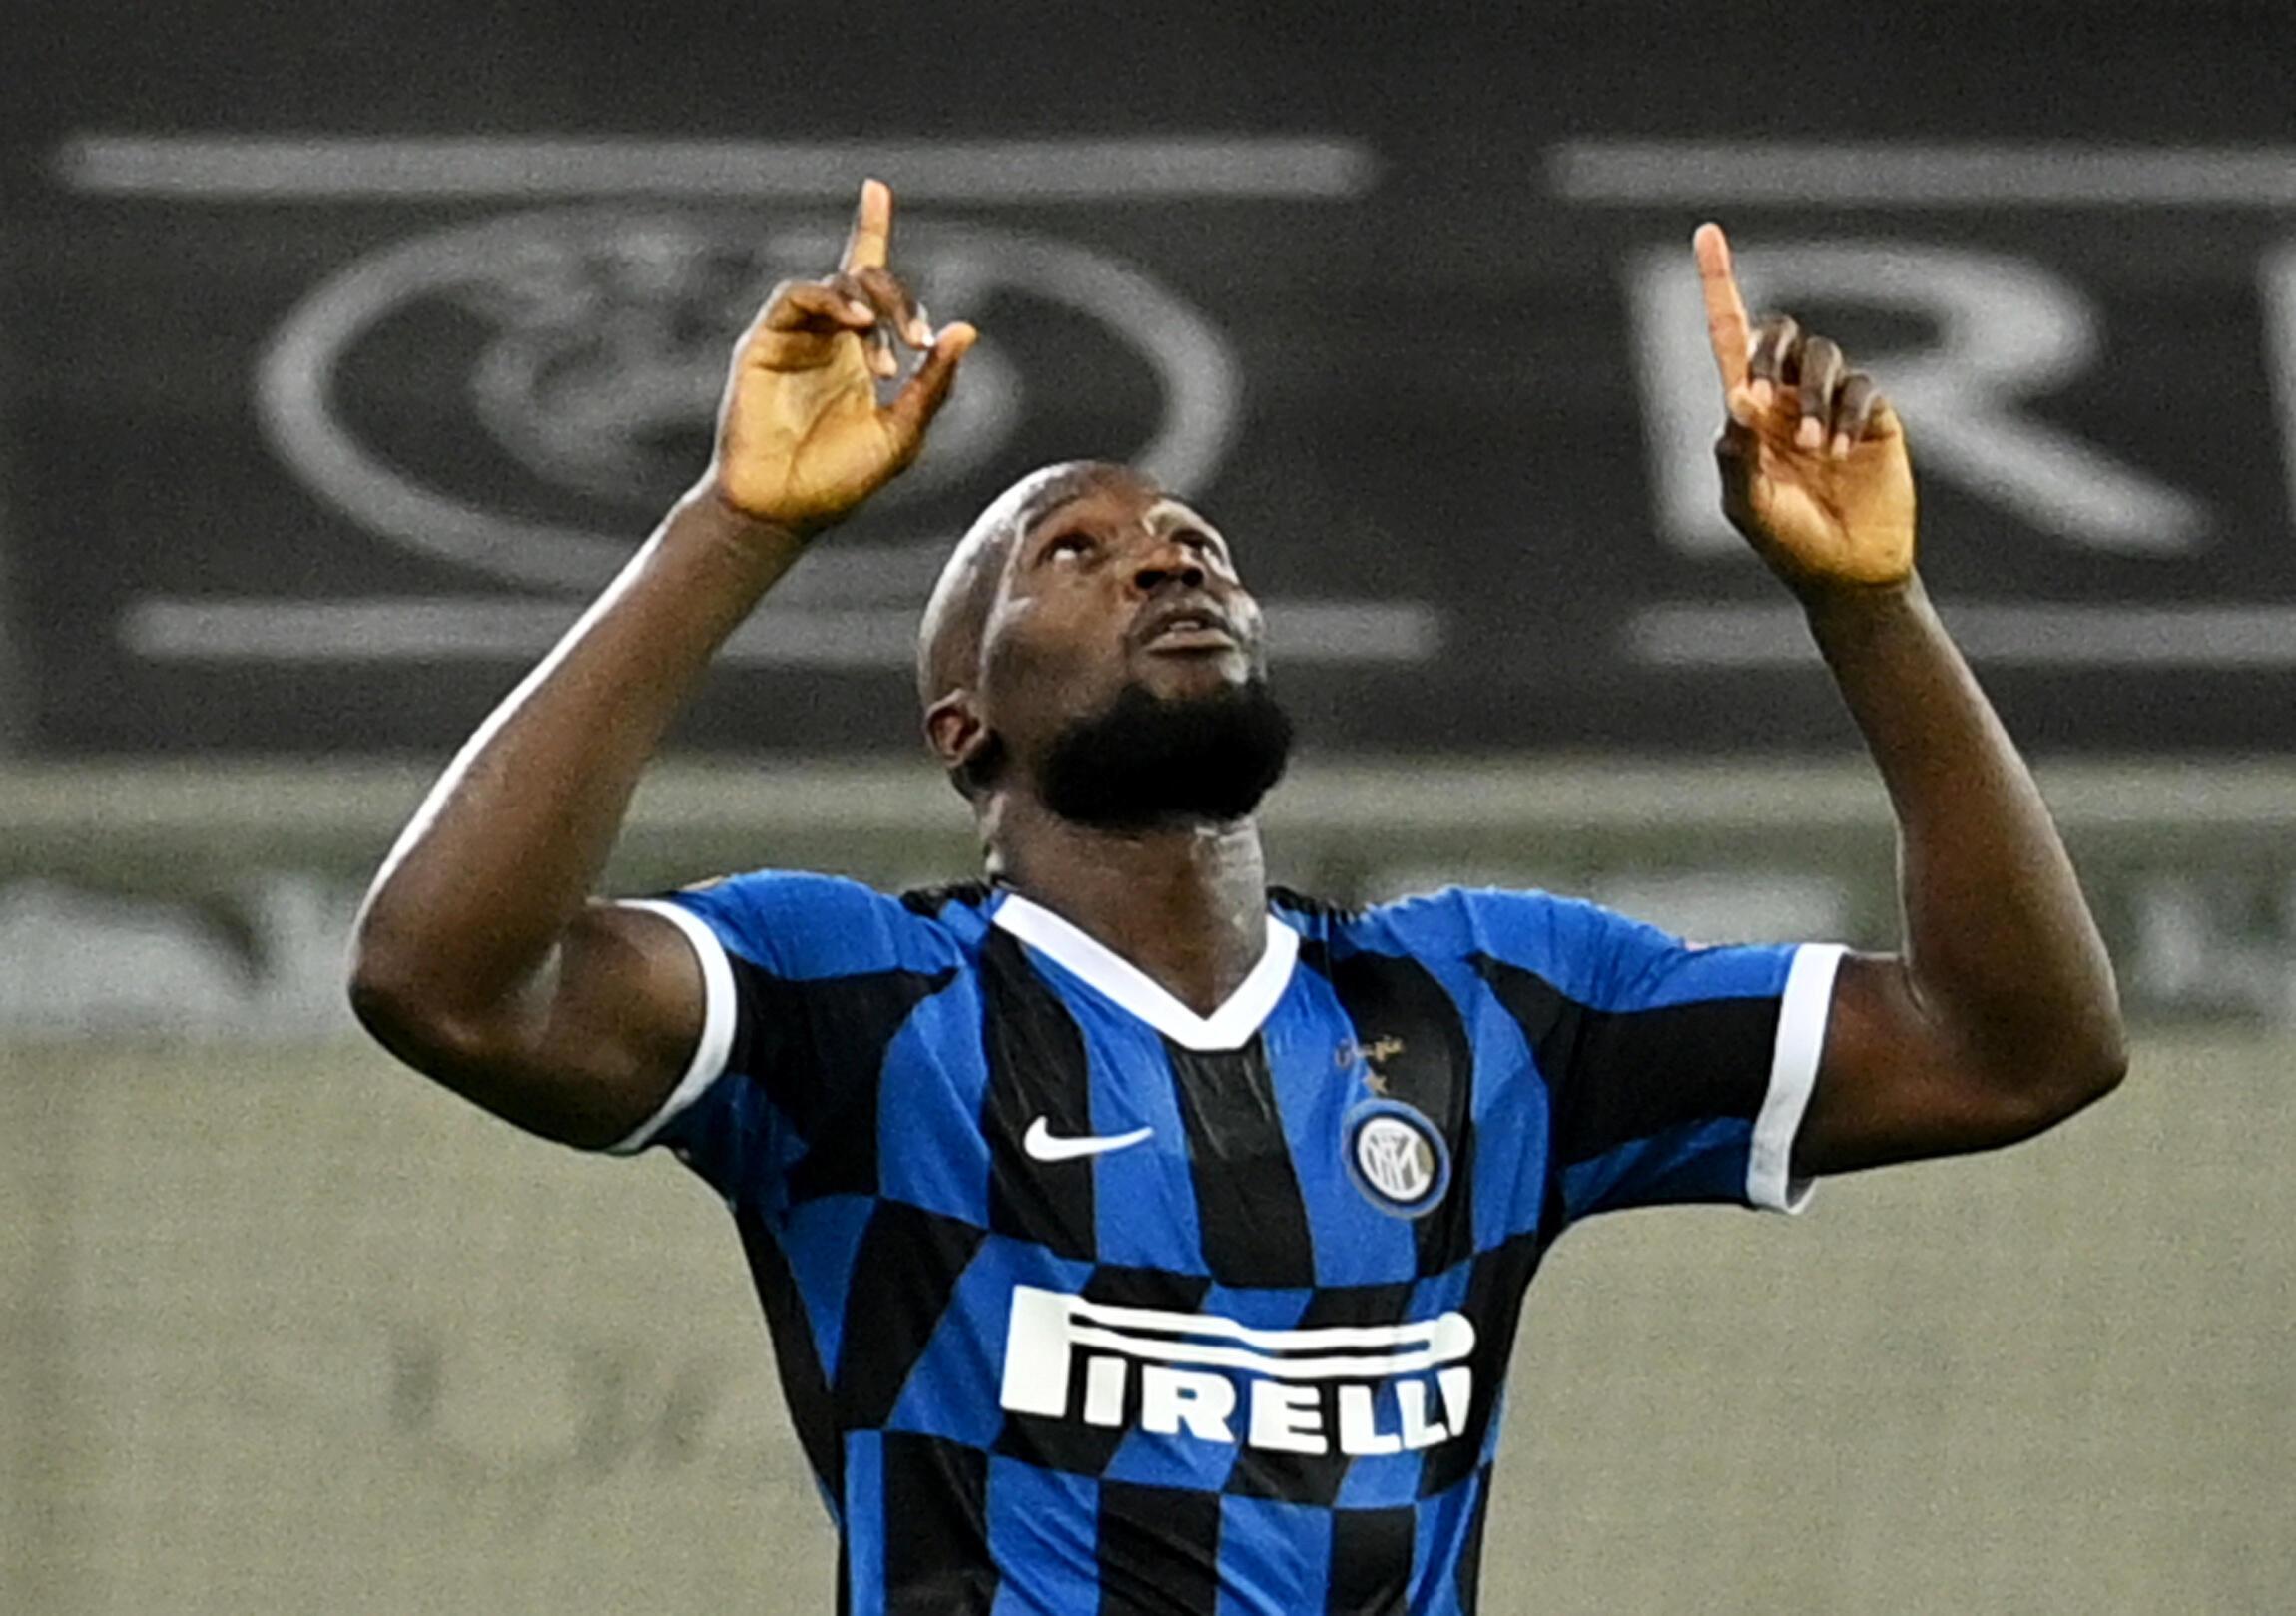 Romelu Lukaku célèbre son but pour l'Inter Milan, le 17 août 2020 à Dusseldorf.